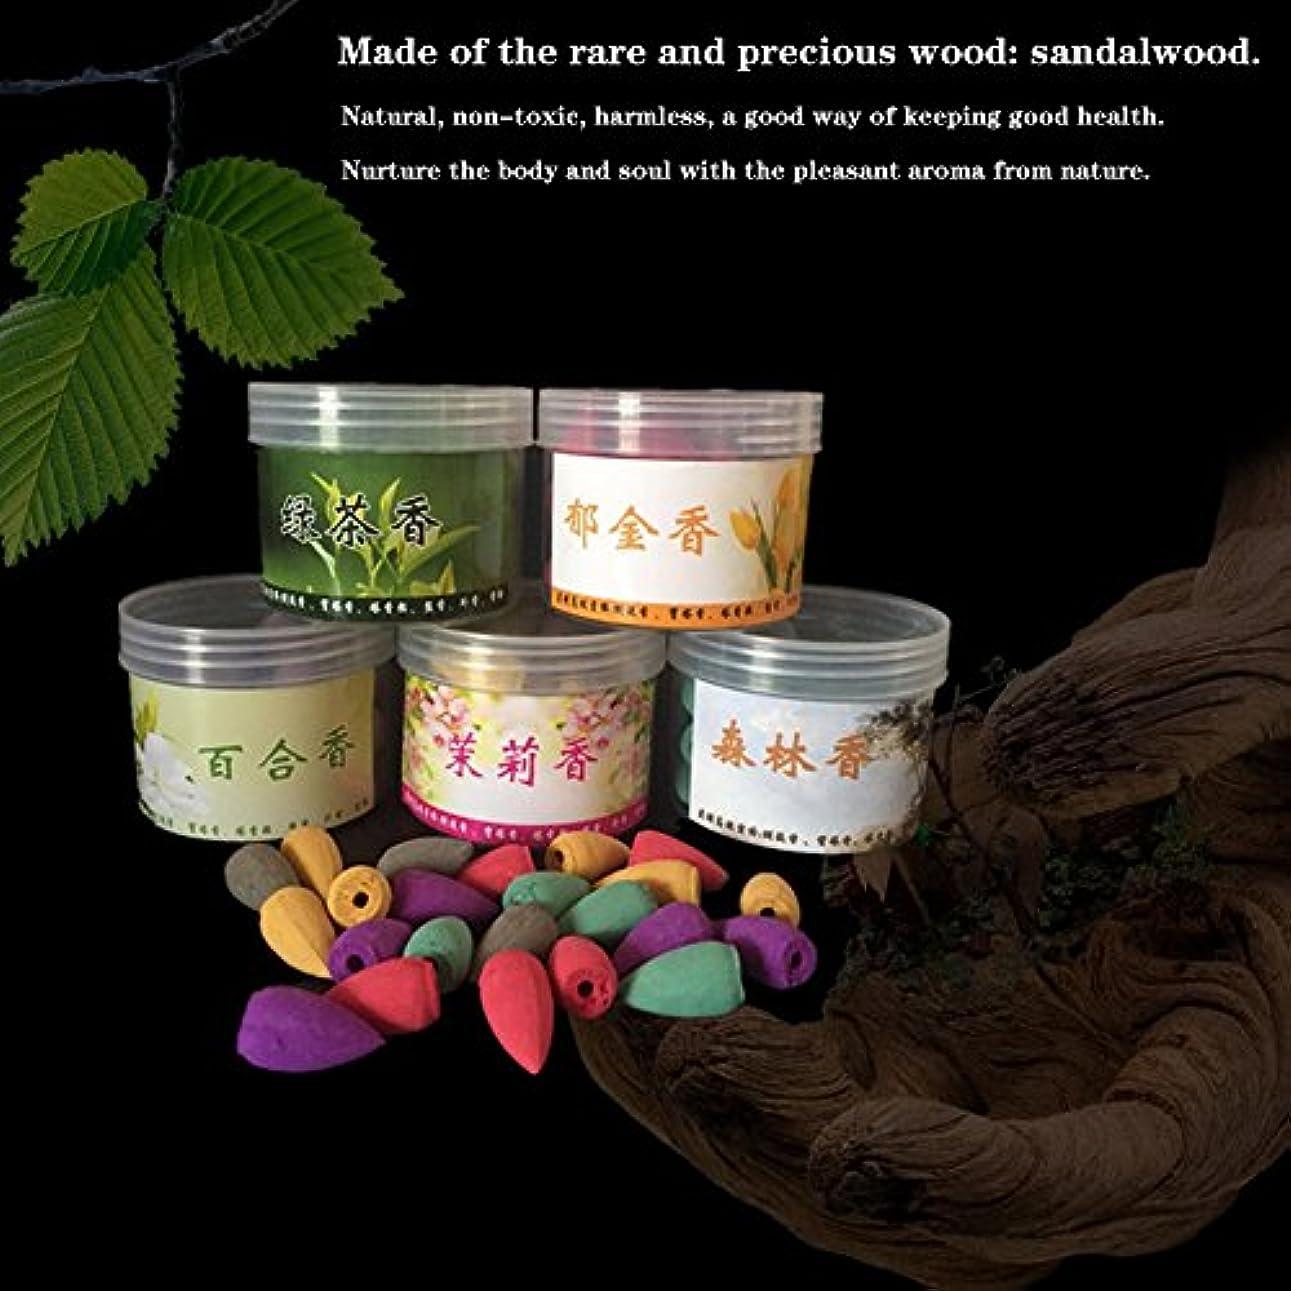 最小化するブリーフケースペインギリックNishore 45pcs /ボックスナチュラルサンダルウッド逆流香煙仏教パゴダタワー 屋内ホローコーンミックス香水 健康アロマ 空気浄化芳香剤 アロマテラピー